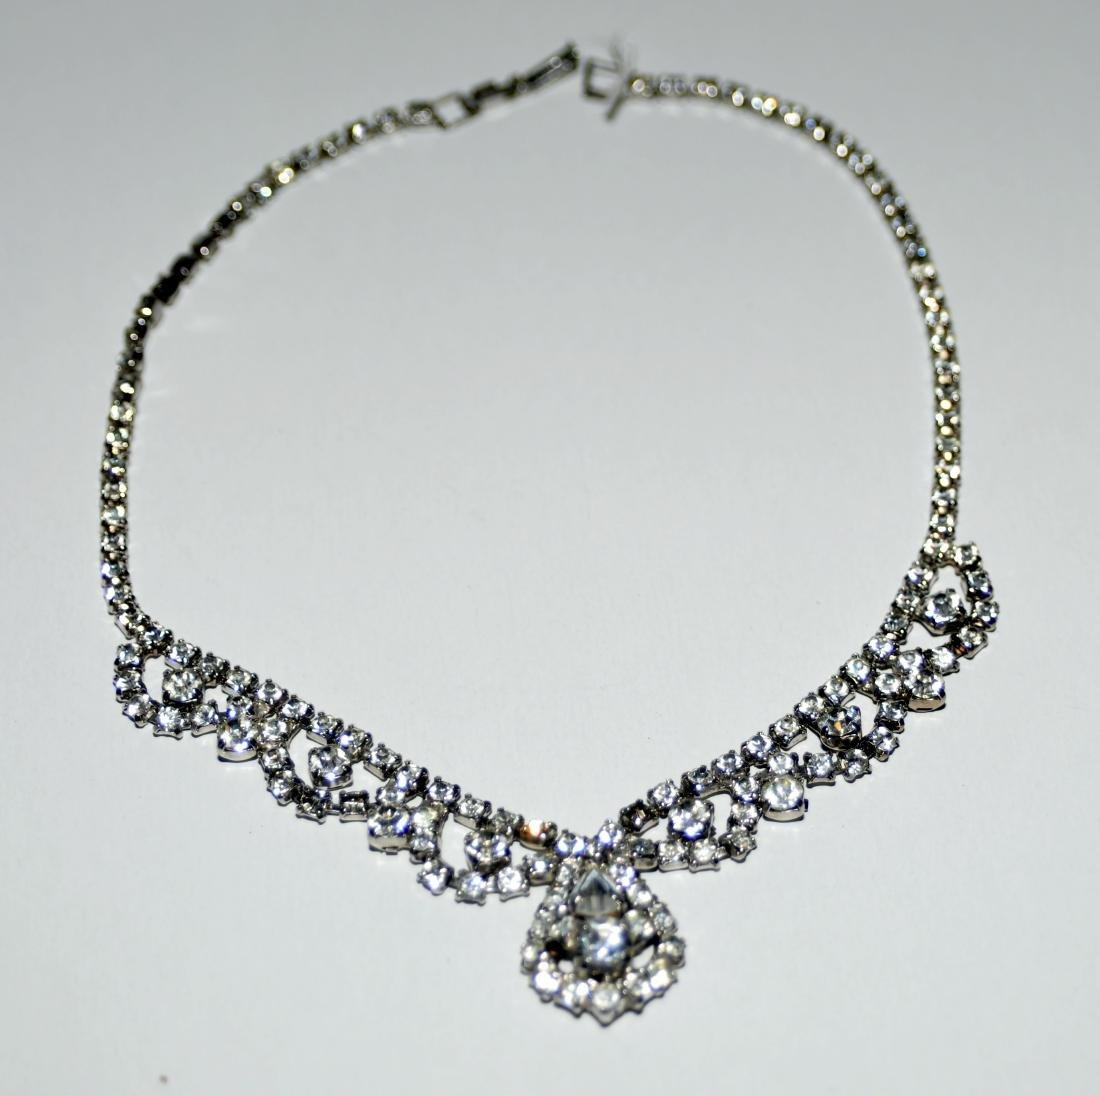 Rhinestone necklaces vintage  2 - 2